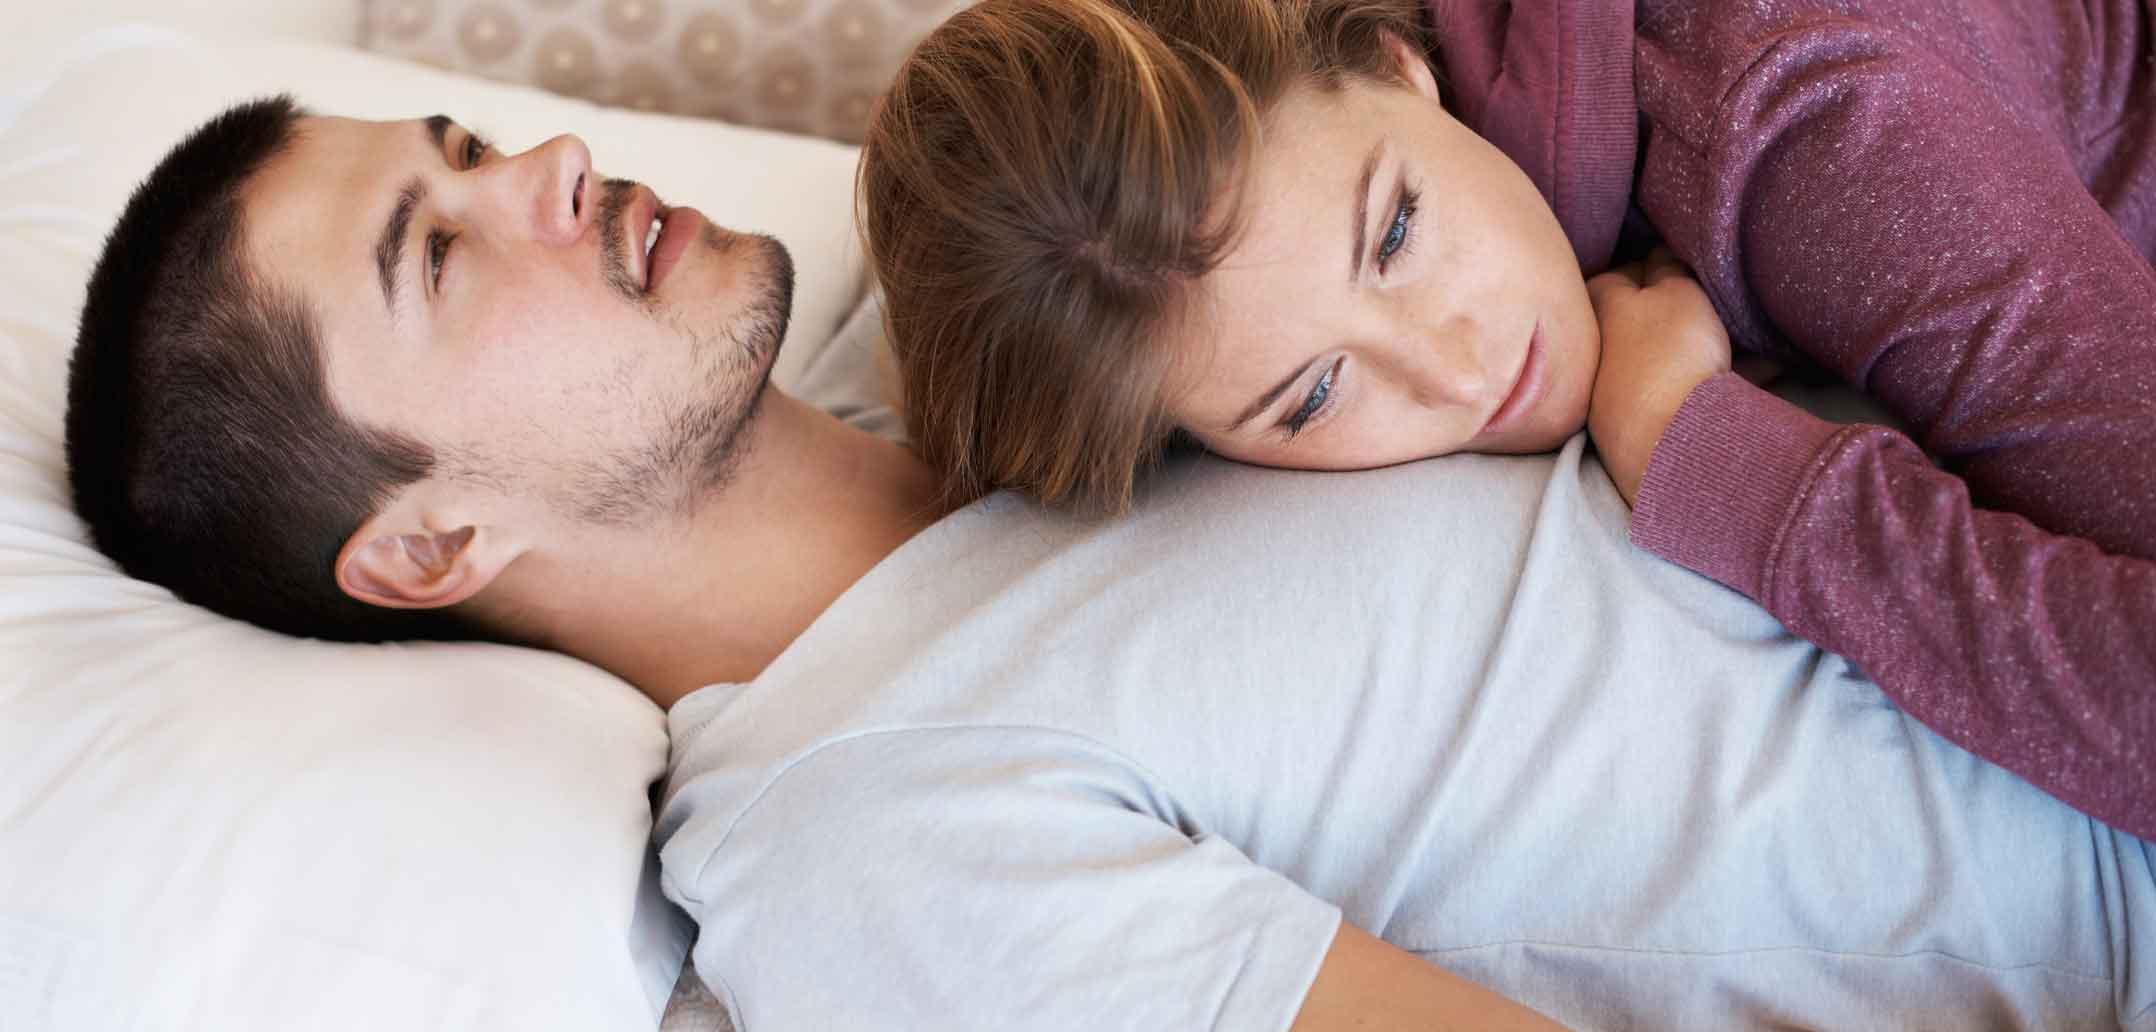 Lohnt es sich noch für die Beziehung zu kämpfen?